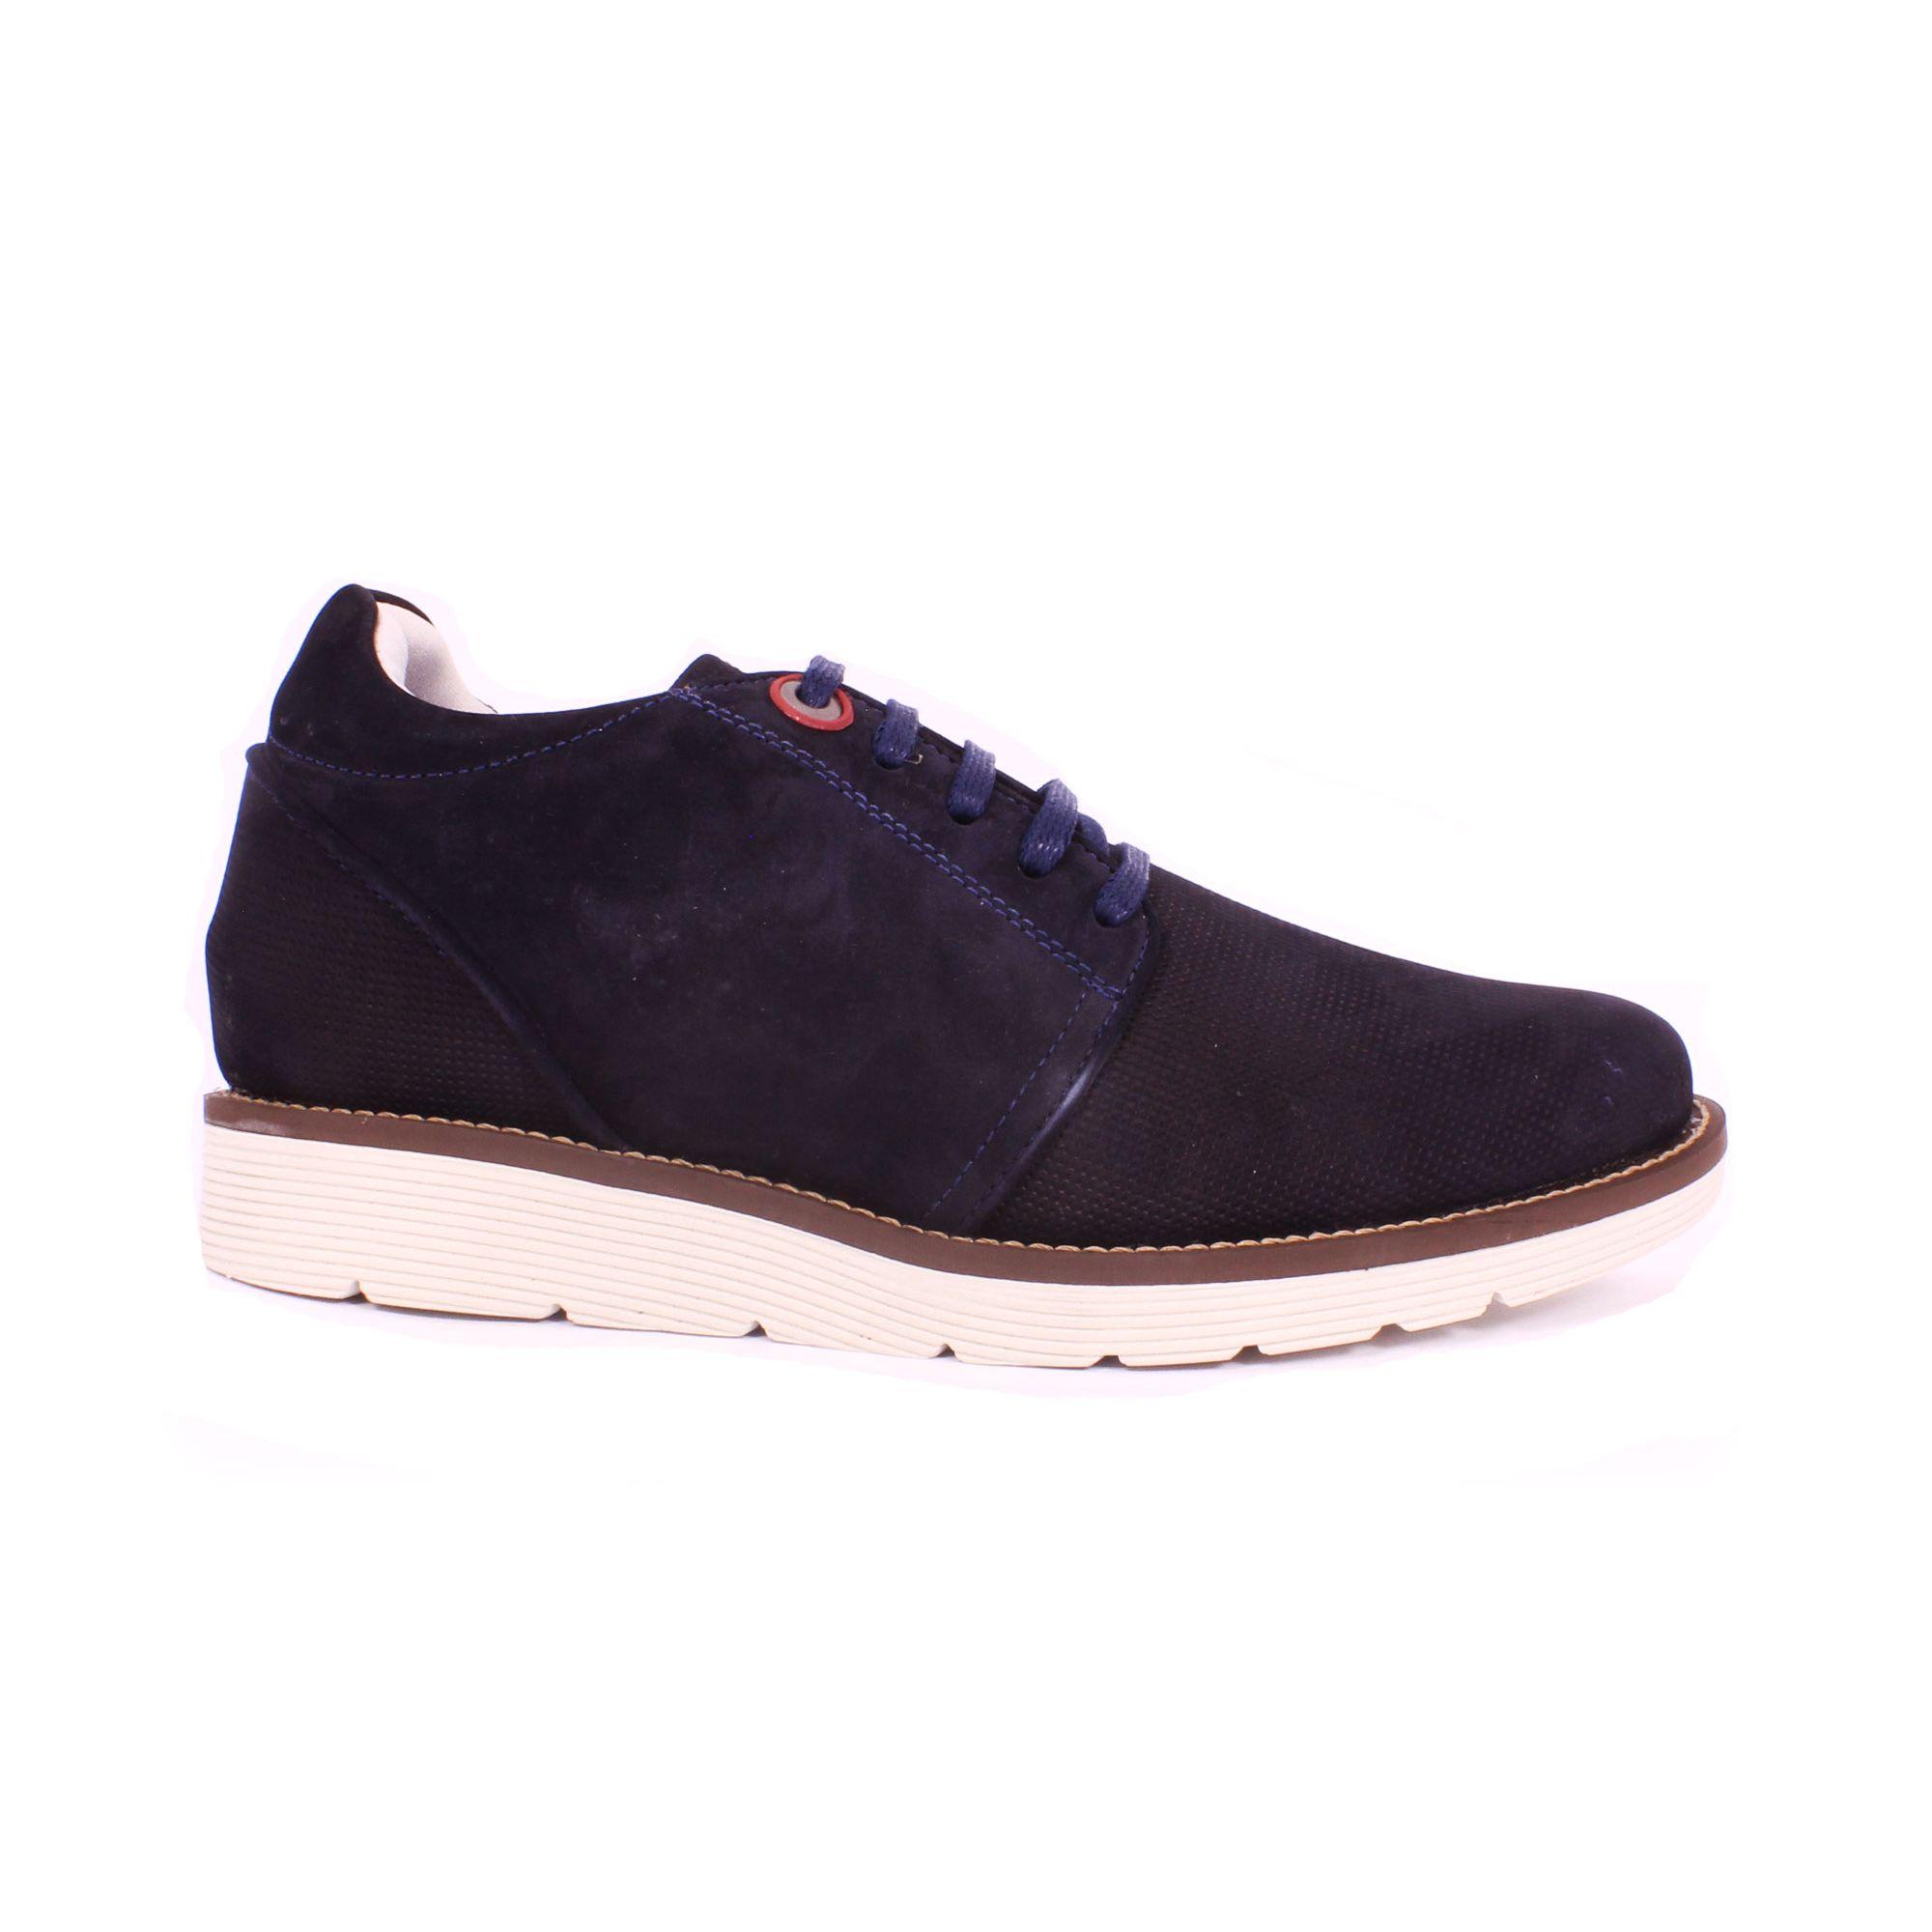 Zapato Casual Avenue Azul Max Denegri +7cms de Altura_70772